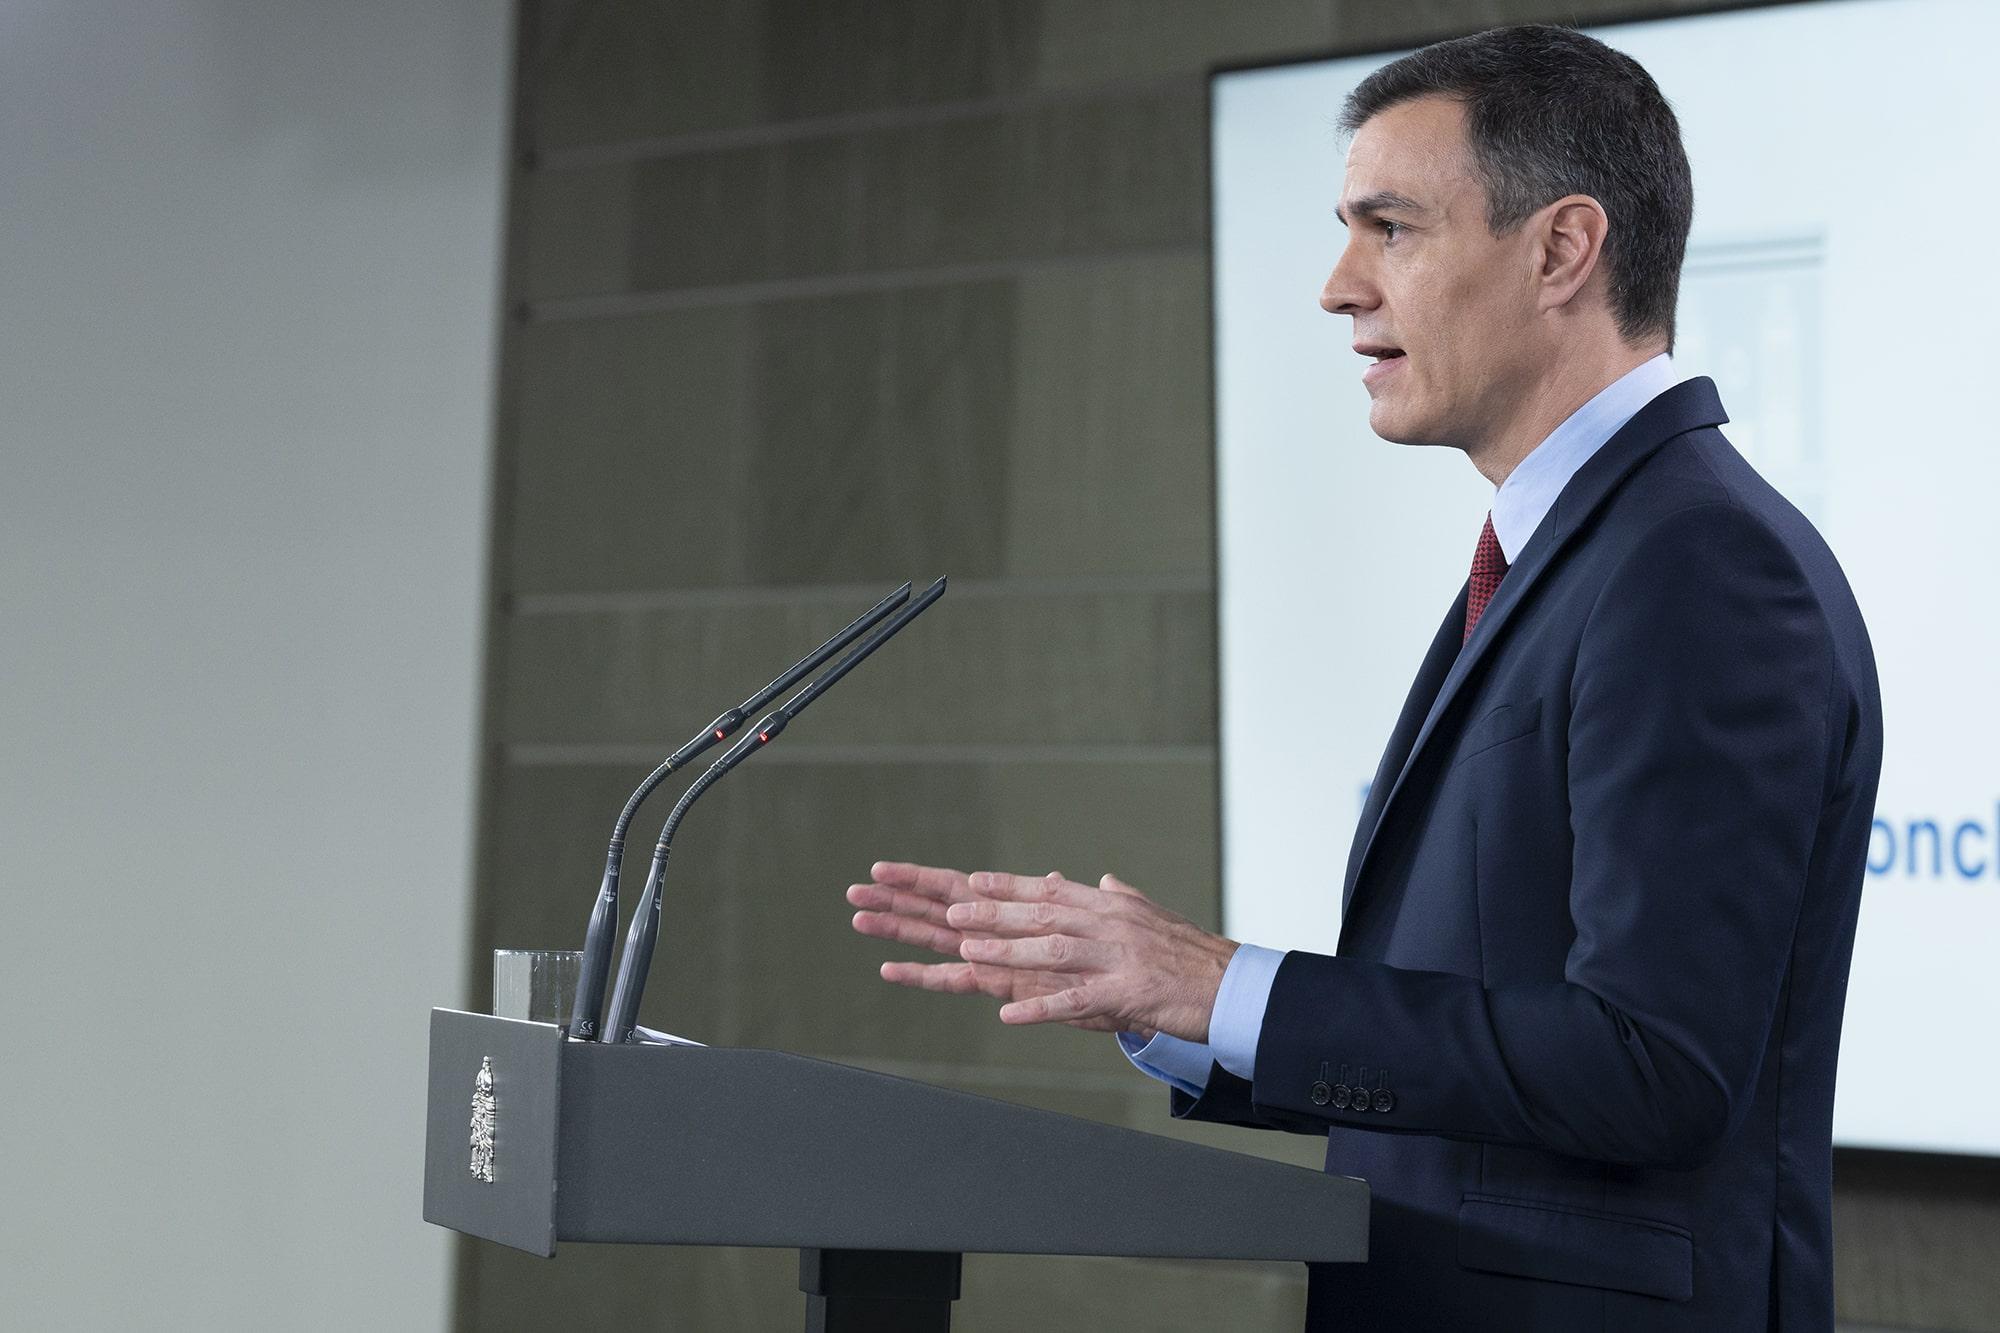 Pedro Sánchez anuncia el Estado de Alarma en España | Foto: Moncloa | Borja Puiz de la Bellacasa